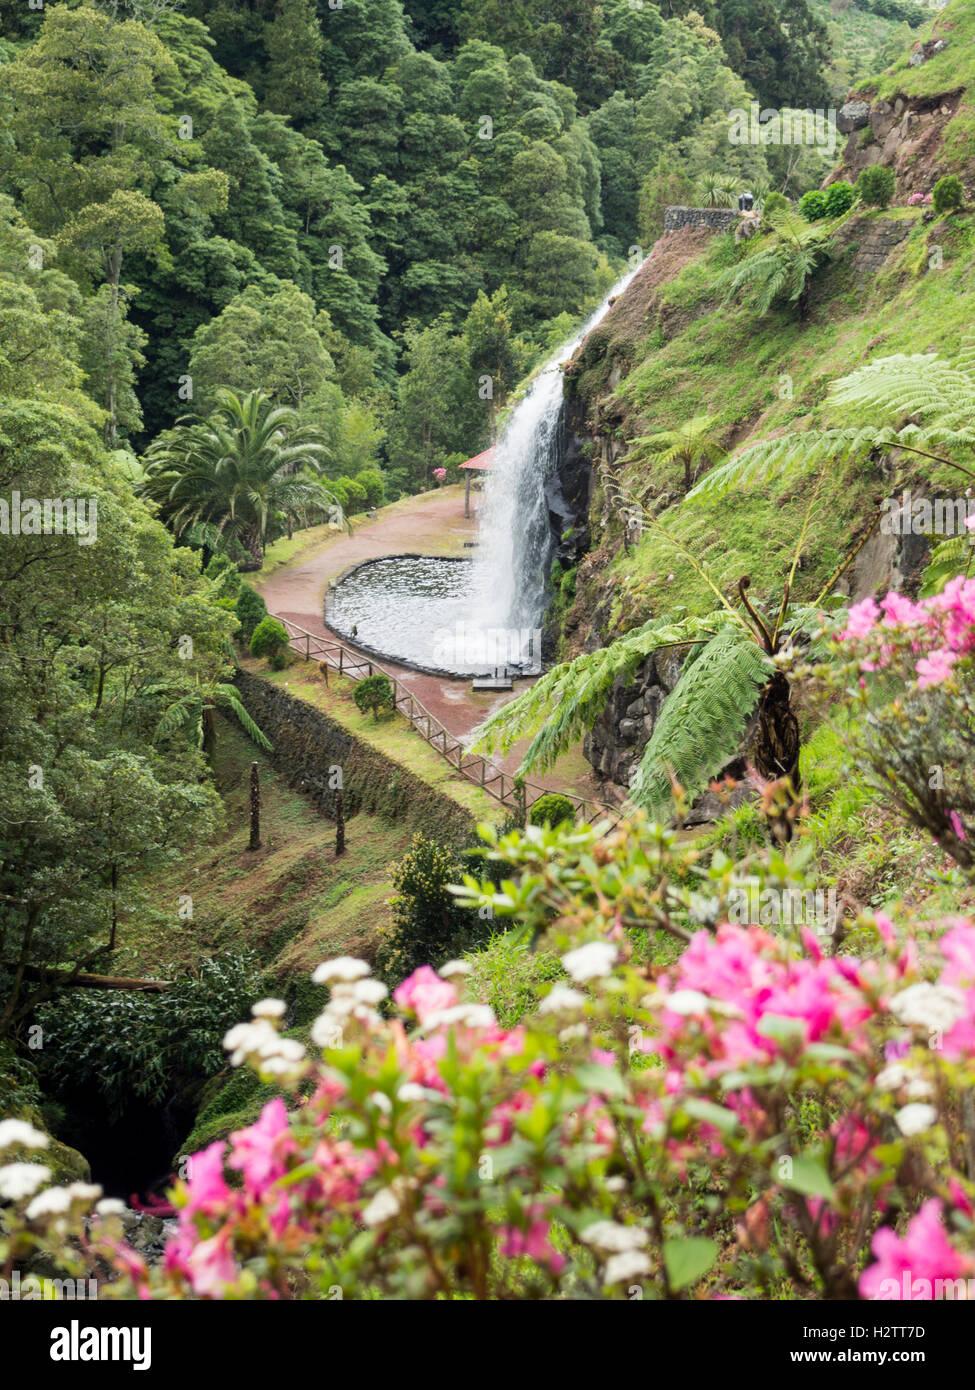 Ribeireo Dos Caldeirões Wasserfall und Gärten. Inmitten der üppigen subtropischen Inselvegetation Stockbild